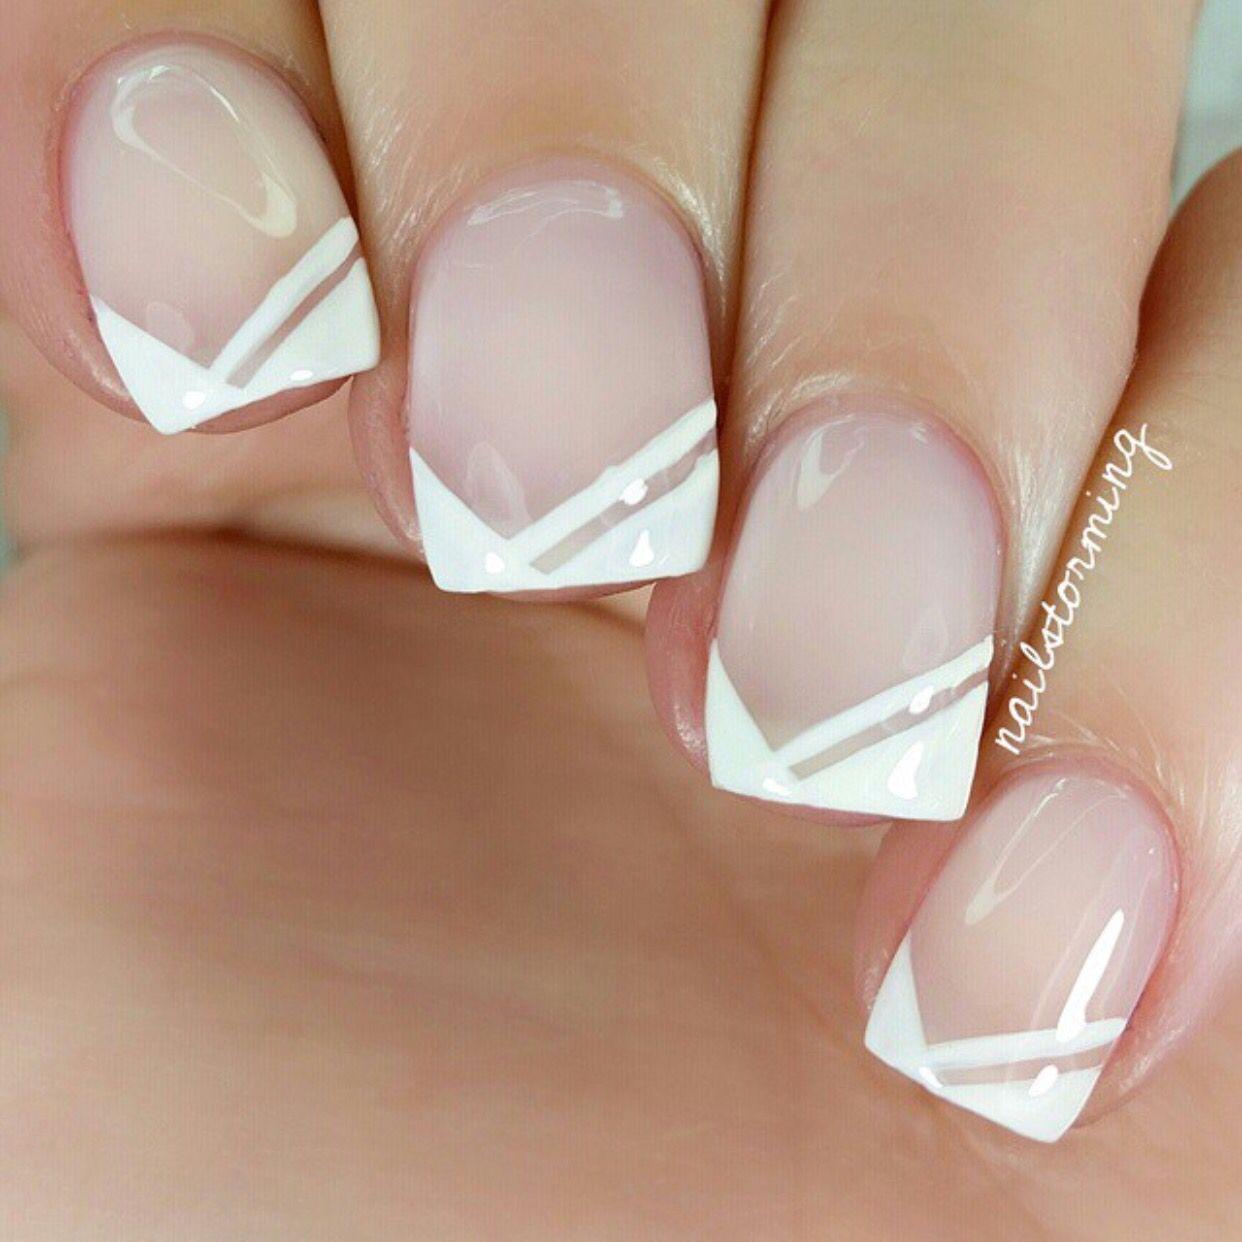 Pin de Celeste Castro en nails | Pinterest | Diseños de uñas ...